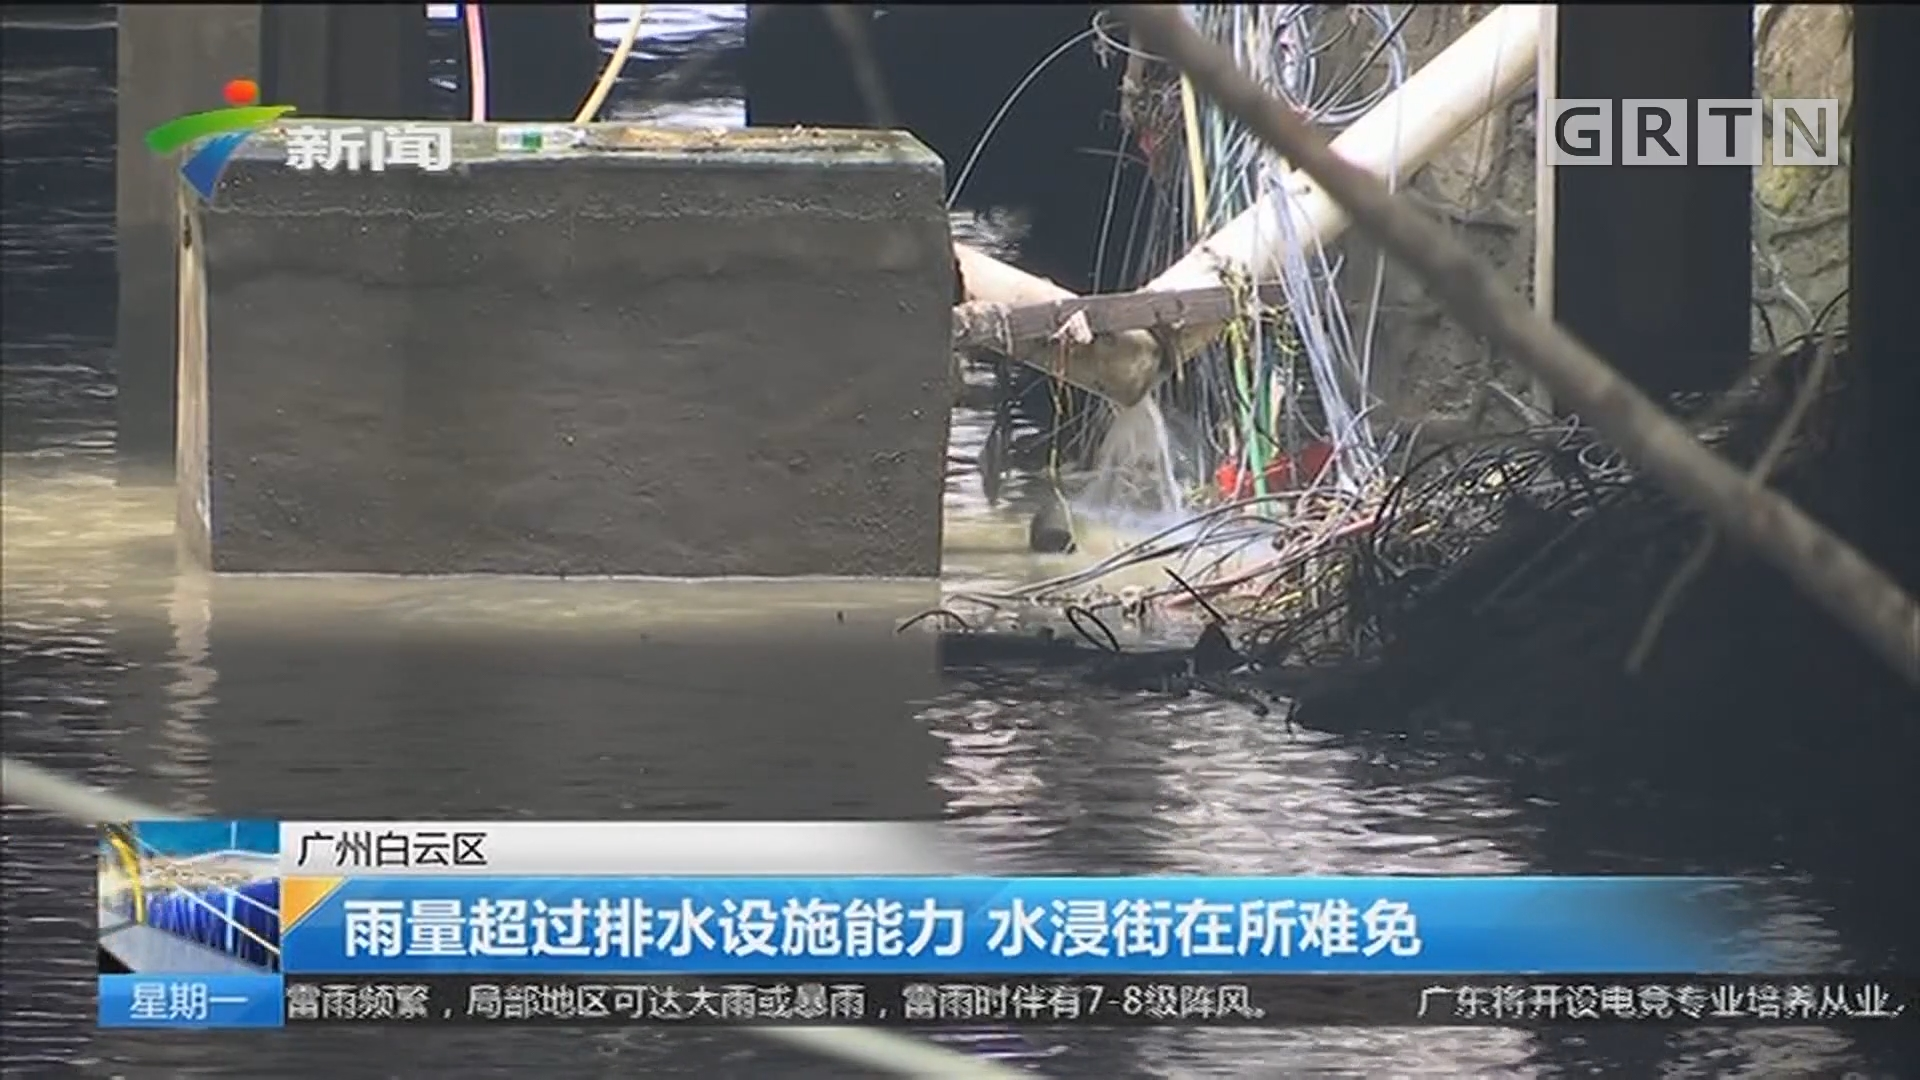 广州白云区:雨量超过排水设施能力 水浸街在所难免